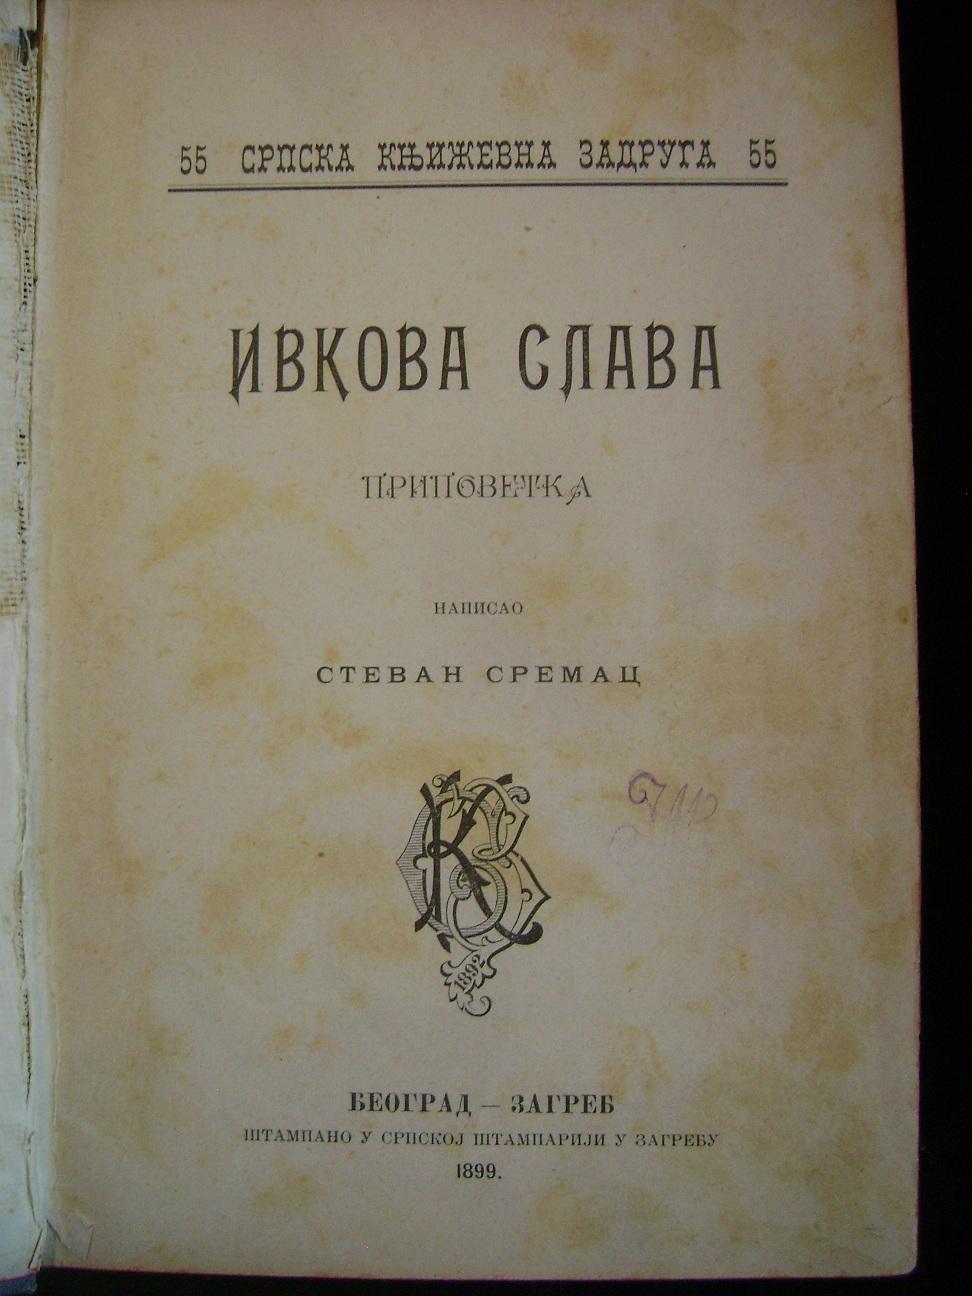 IVKOVA_SLAVA_Stevan_Sremac_1899__2.JPG